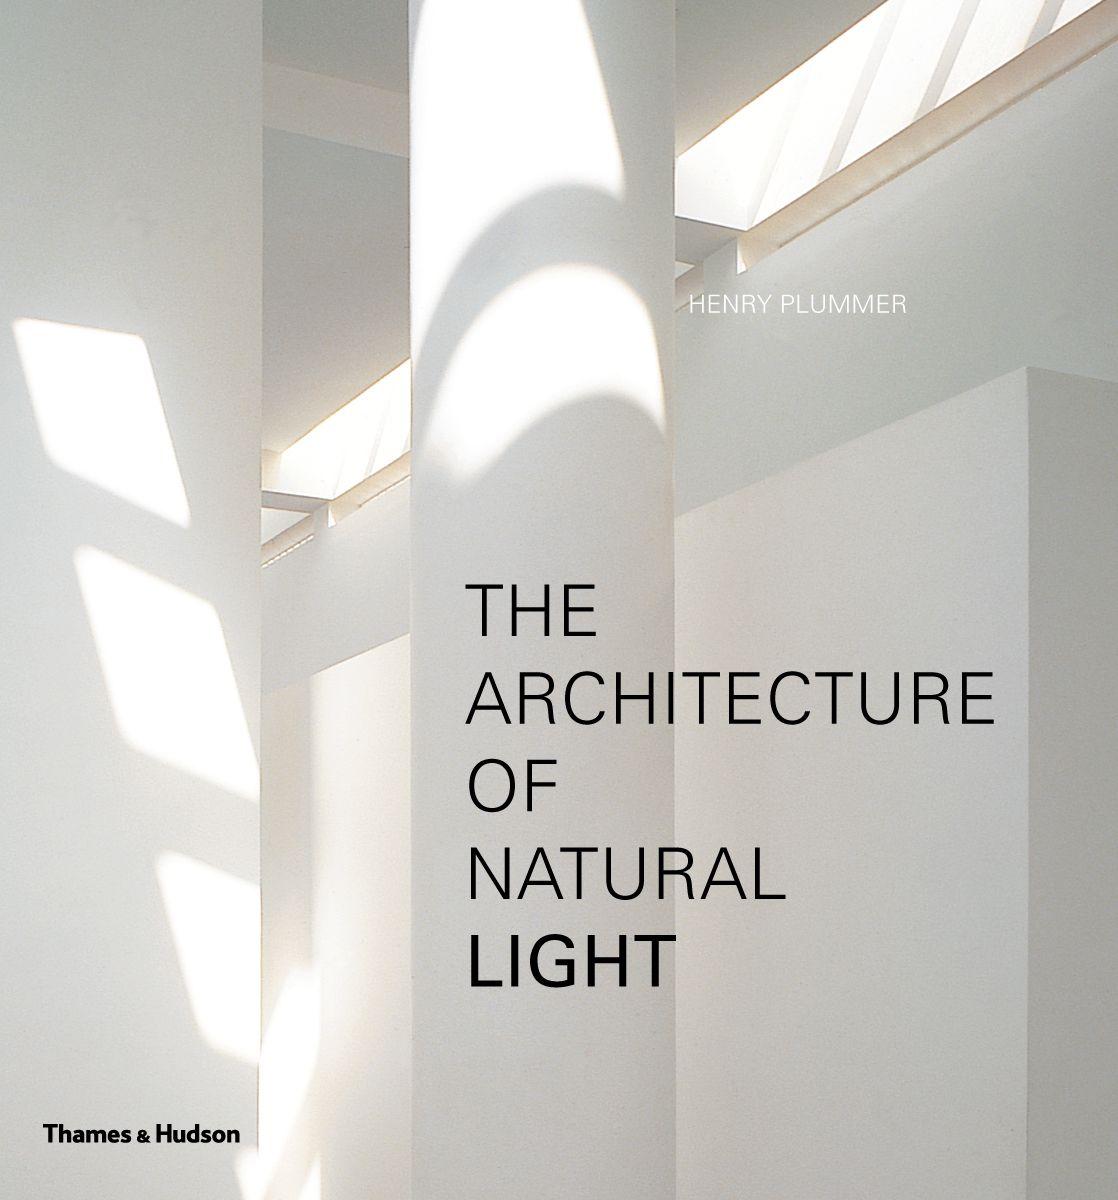 Medici White Light Architecture Natural Light Architecture Books